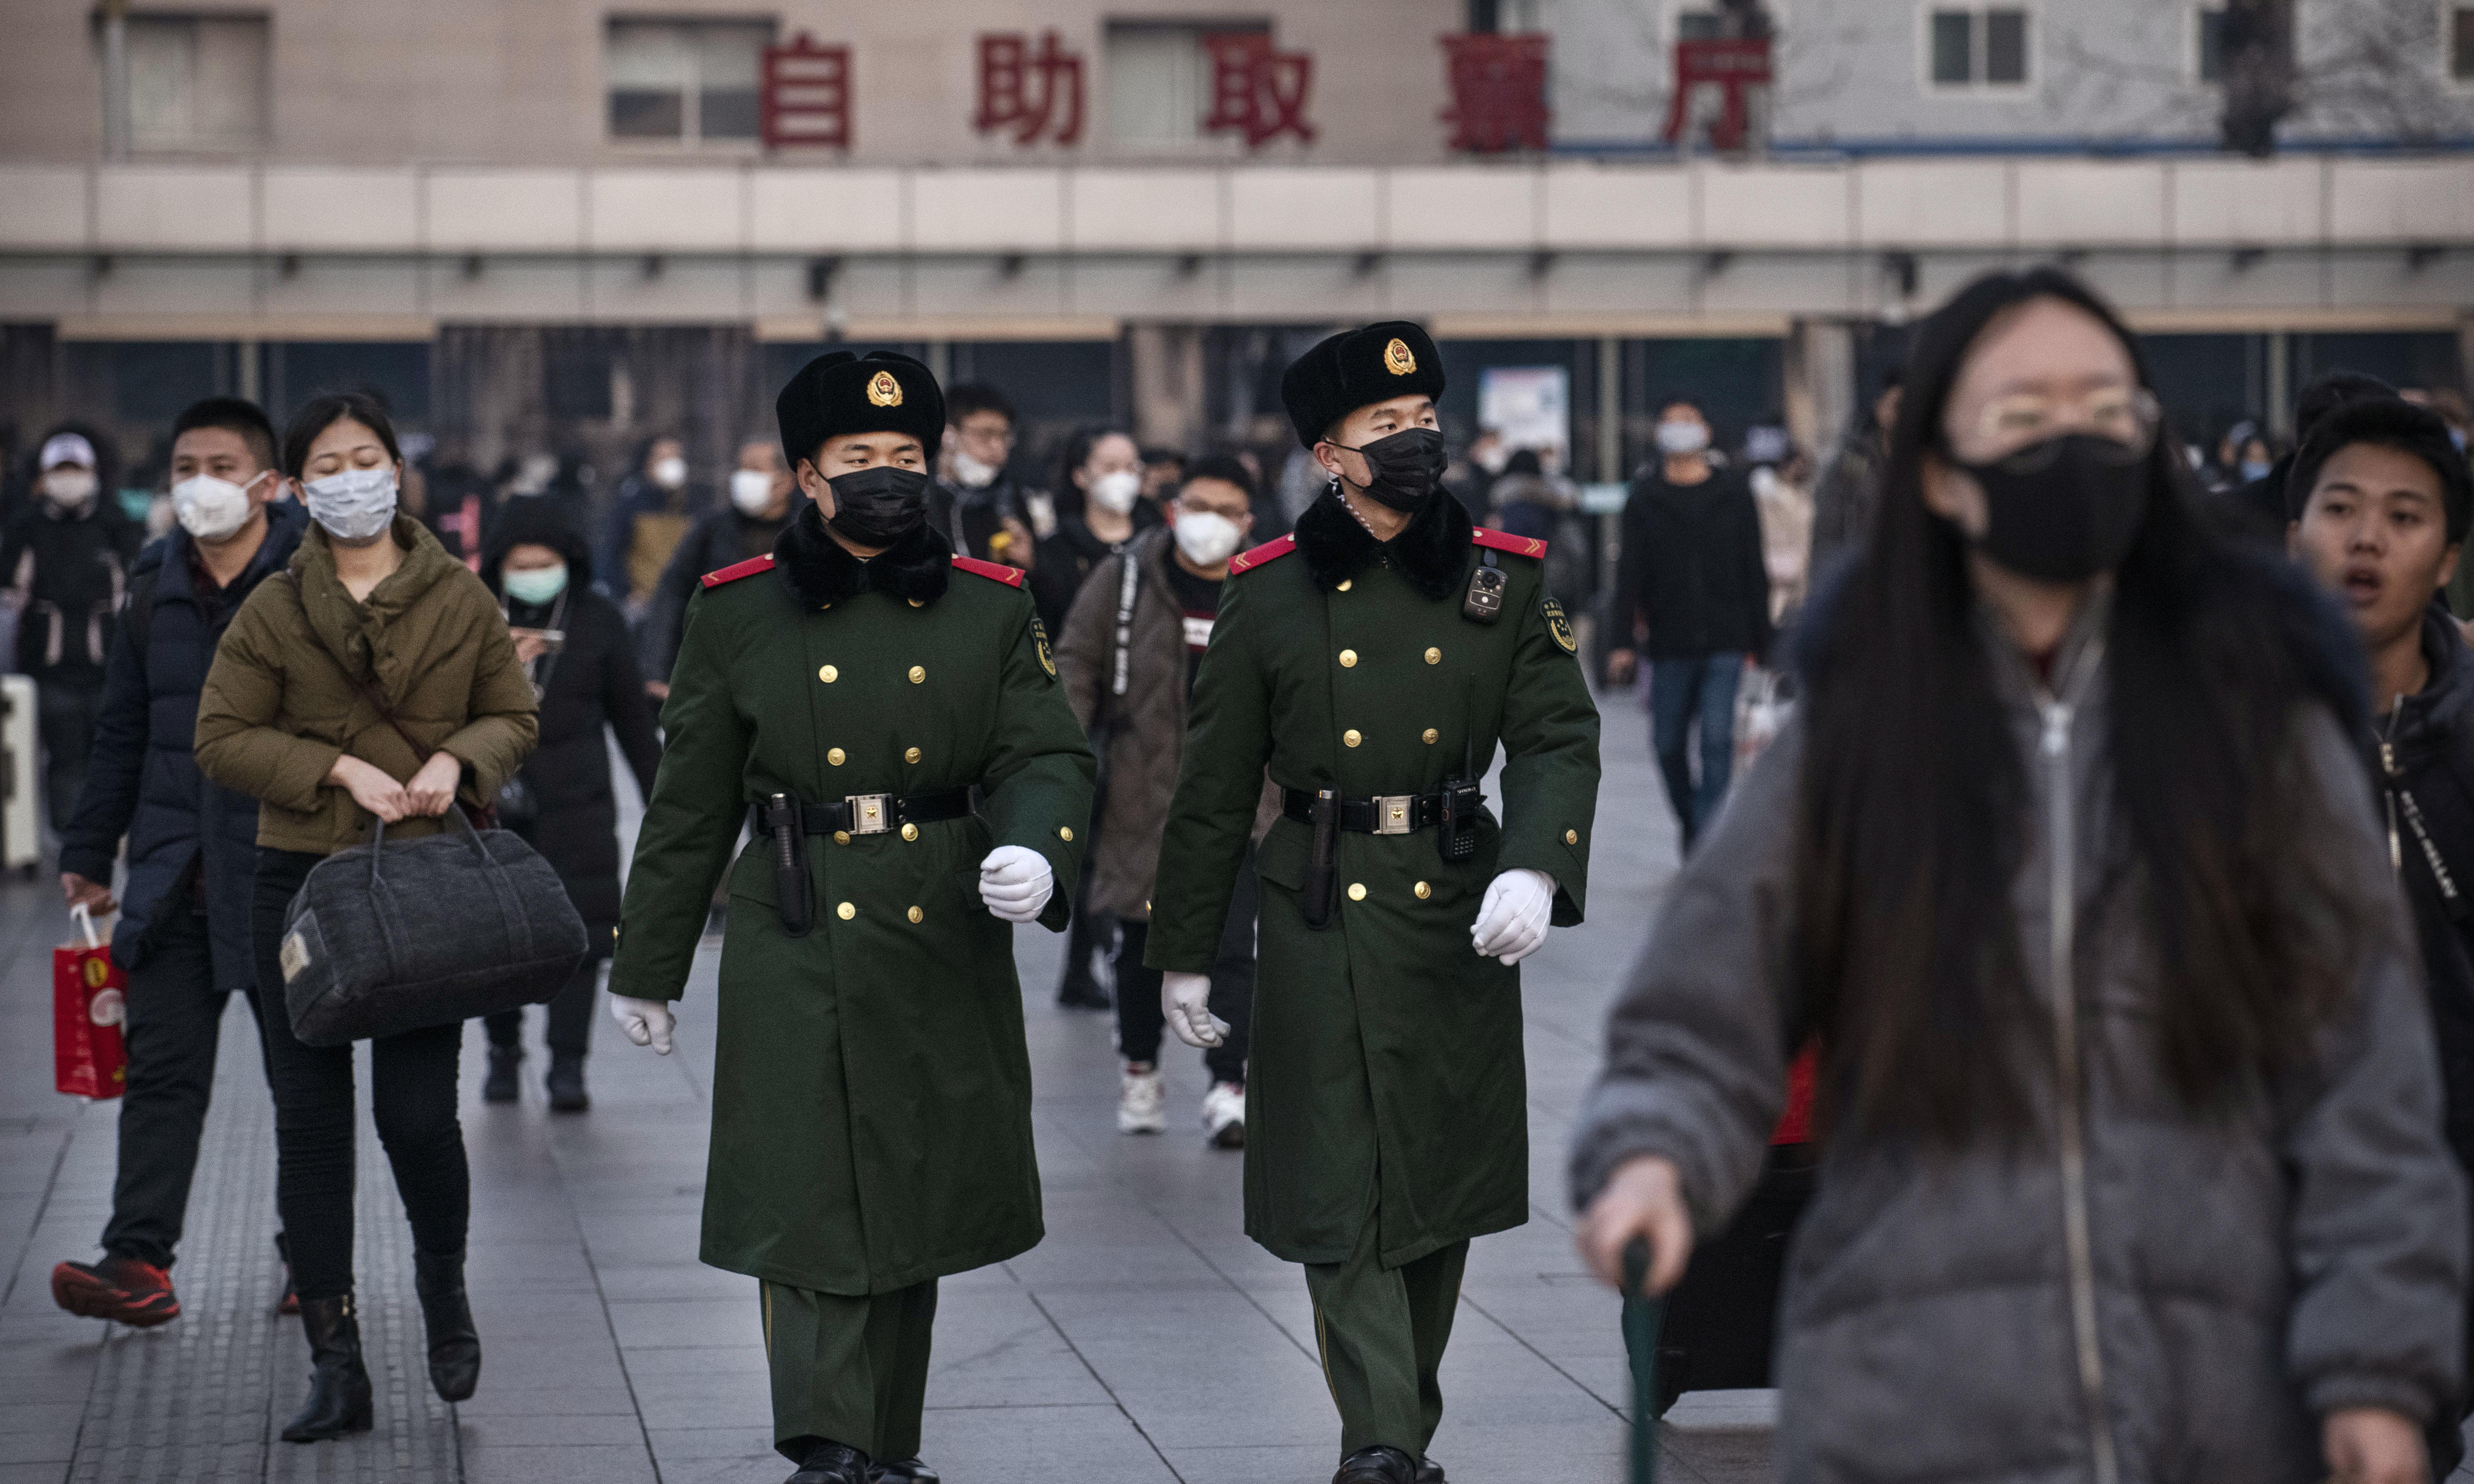 Coronavirus: UK universities issue quarantine warning to Chinese students